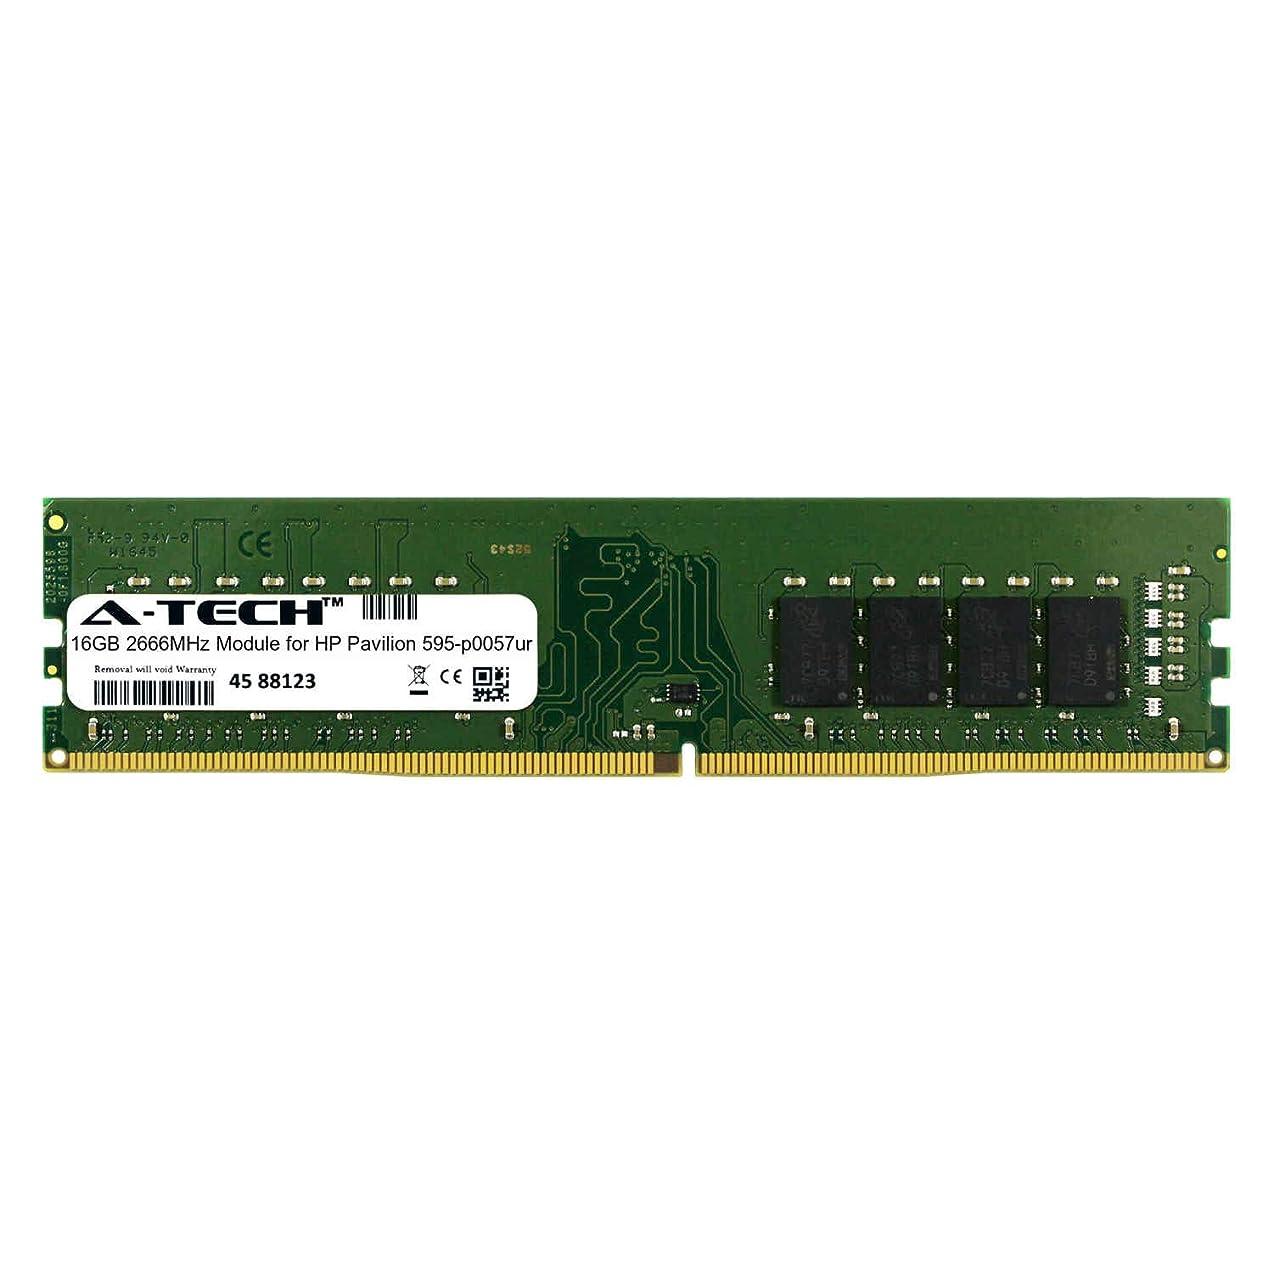 A-Tech 16GB Module for HP Pavilion 595-p0057ur Desktop & Workstation Motherboard Compatible DDR4 2666Mhz Memory Ram (ATMS311529A25823X1)